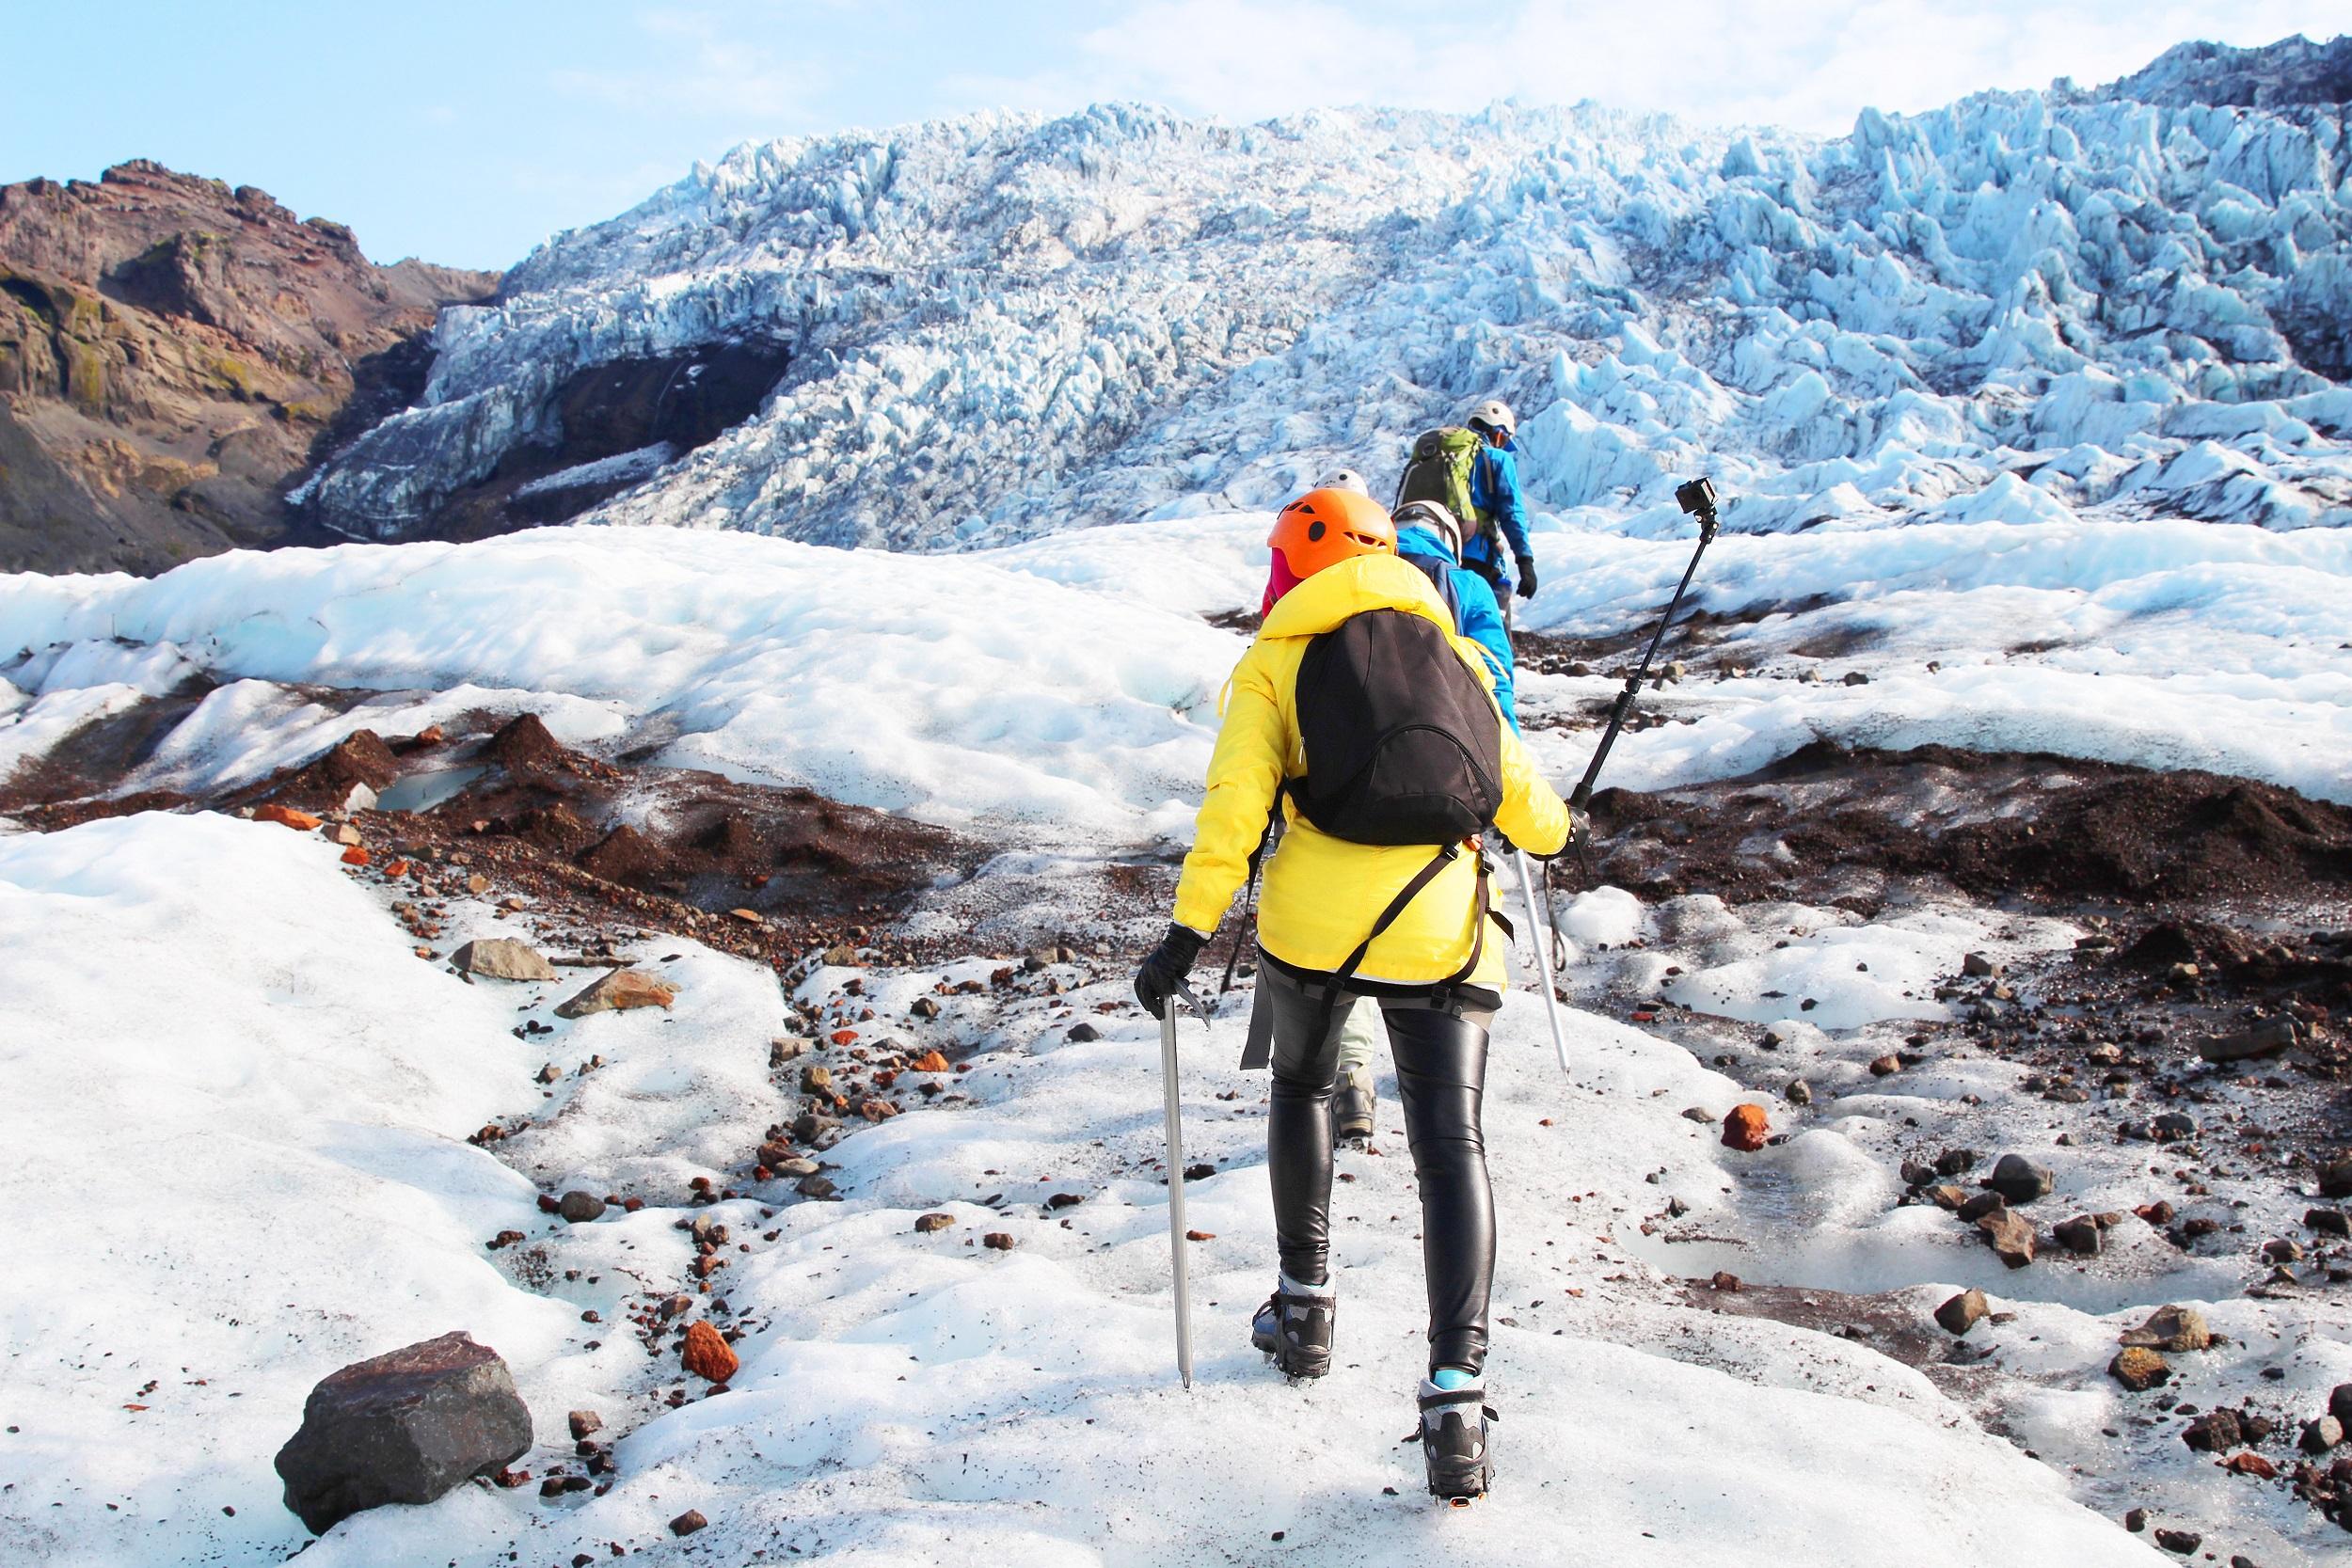 Beklim de gletsjer Sólheimajökull aan de zuidkust en ervaar het ijs van IJsland.